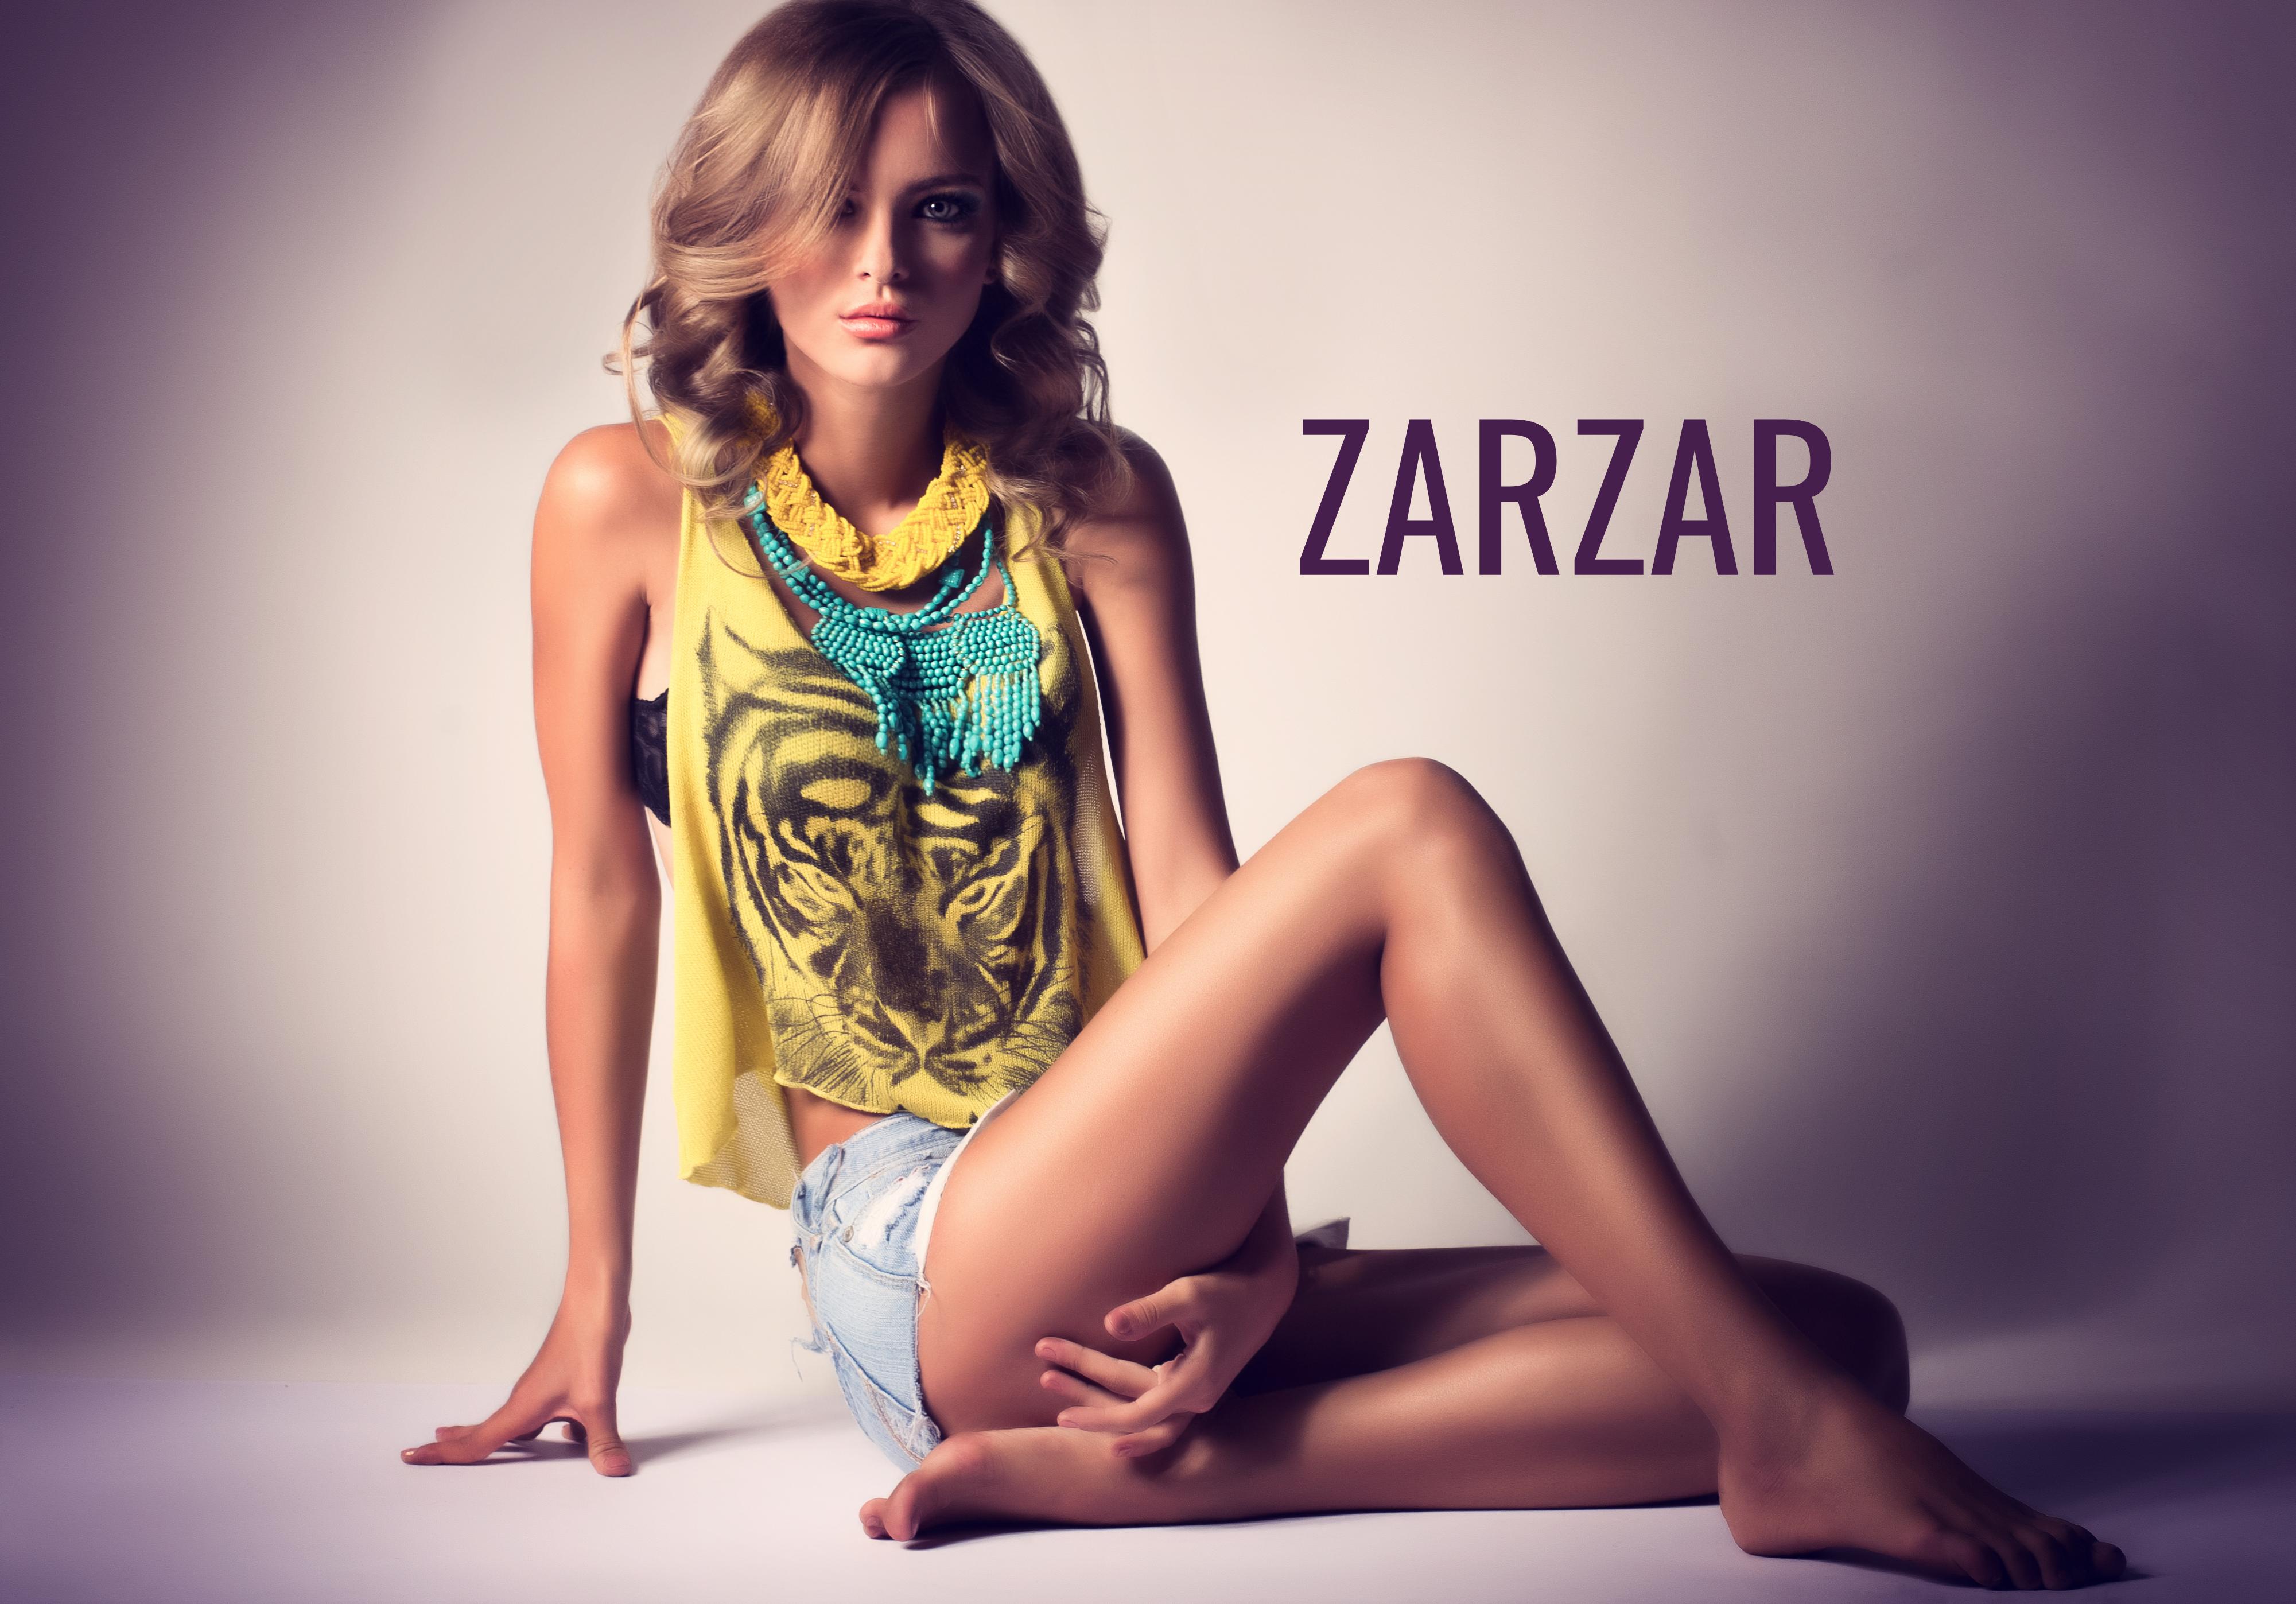 ZARZAR FASHION Beautiful Model Modeling In Sexy Light Blue Jean Shorts. Beautiful Sexy Shorts For Women (Cute Shorts For Girls).